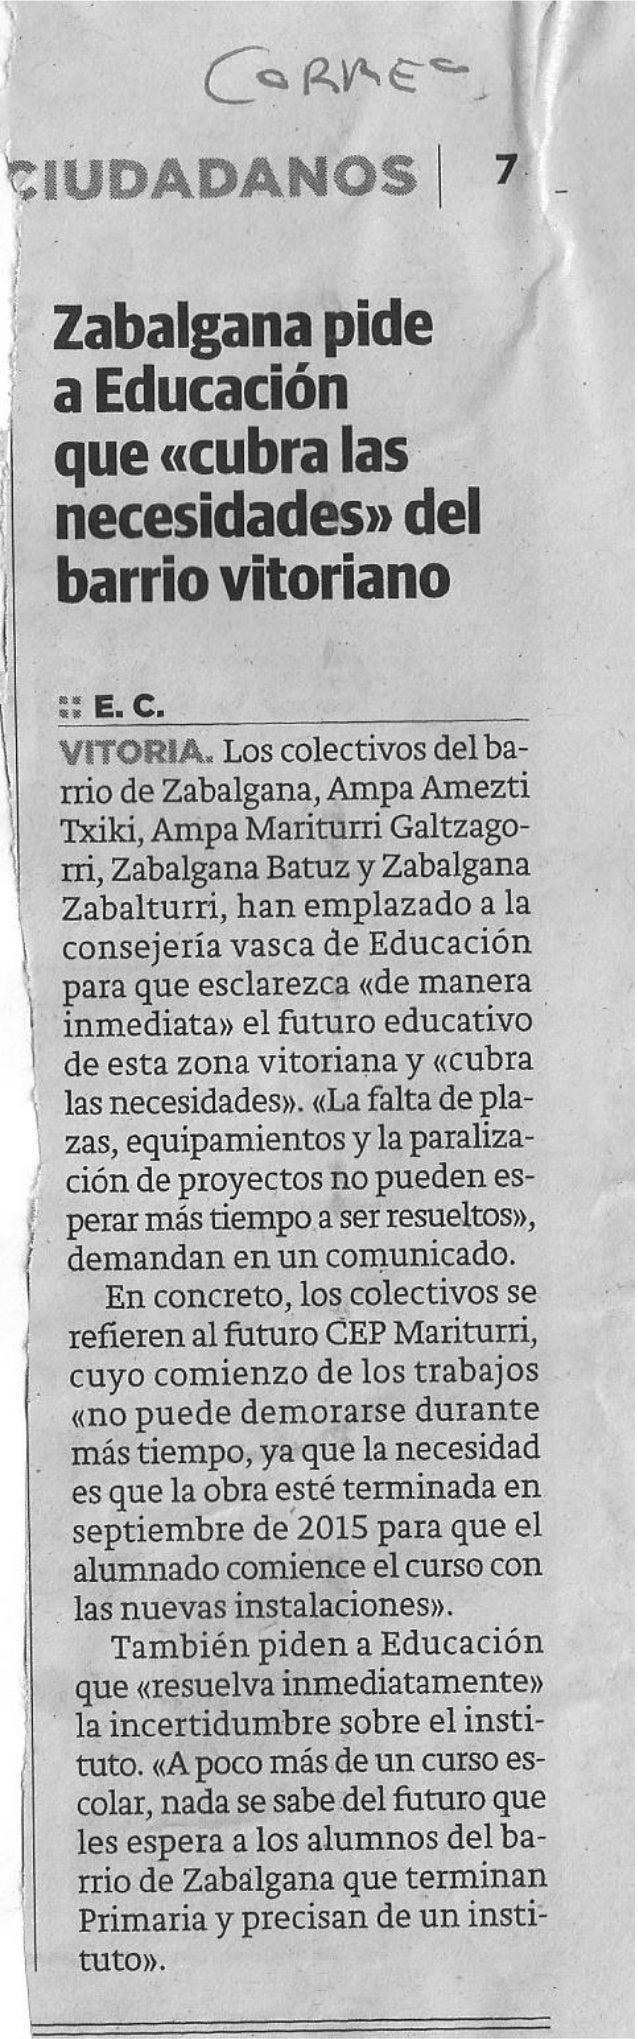 Zabalgana pide a educación que cubra las necesidades educativas del barrio. El Correo 2014/05/23